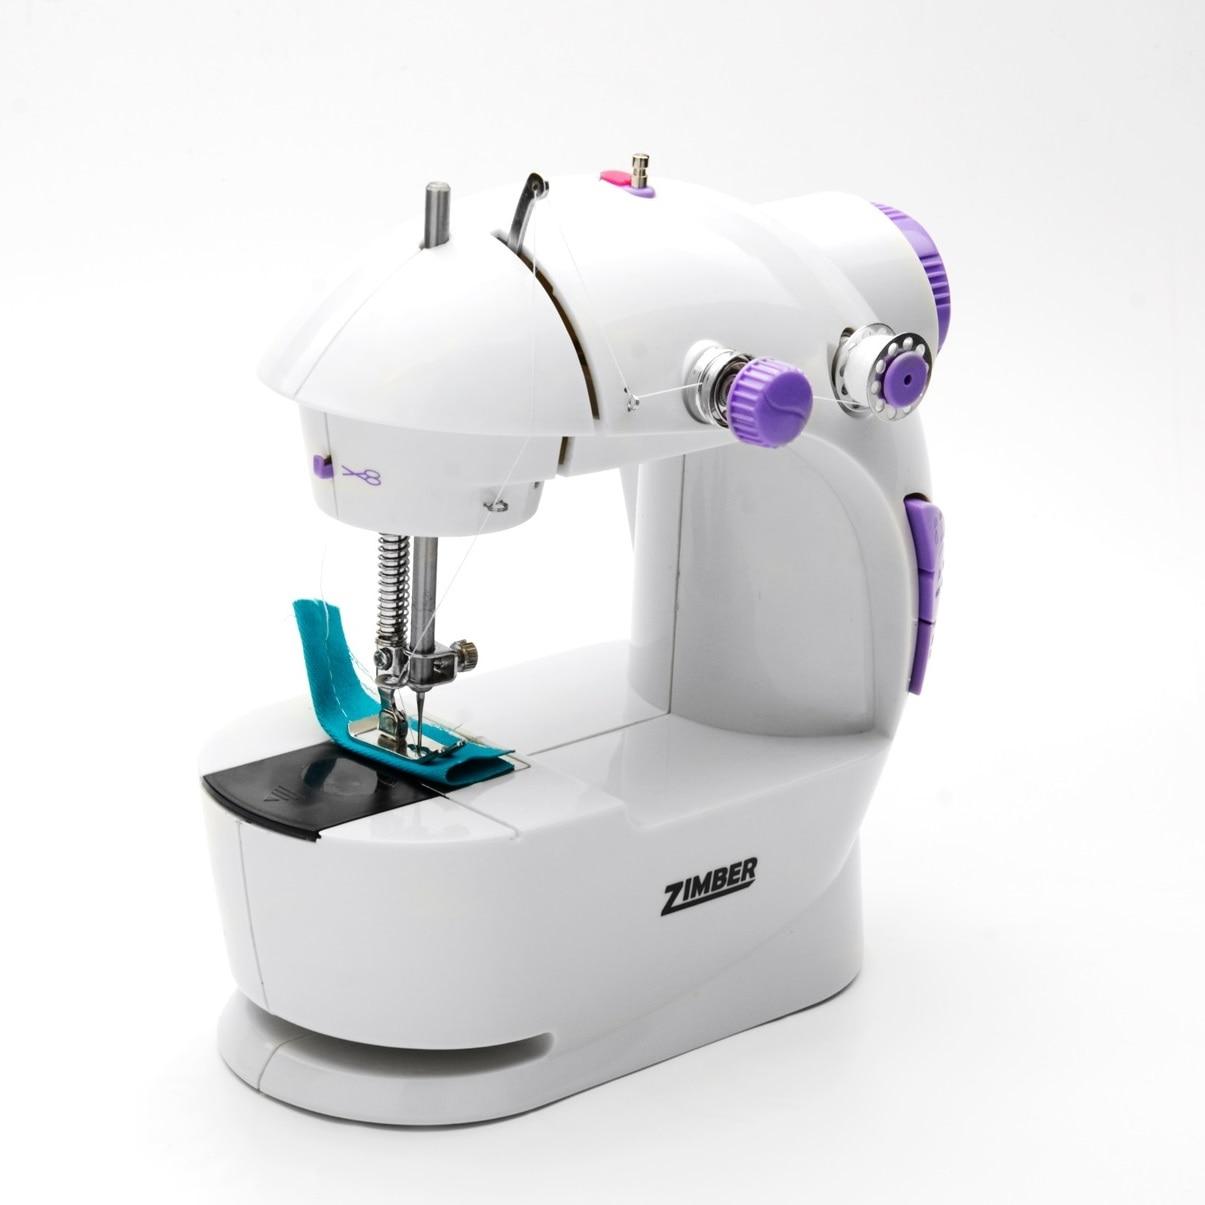 цены на Швейная машина ZIMBER, 2 скорости, 2 винта, белый  в интернет-магазинах